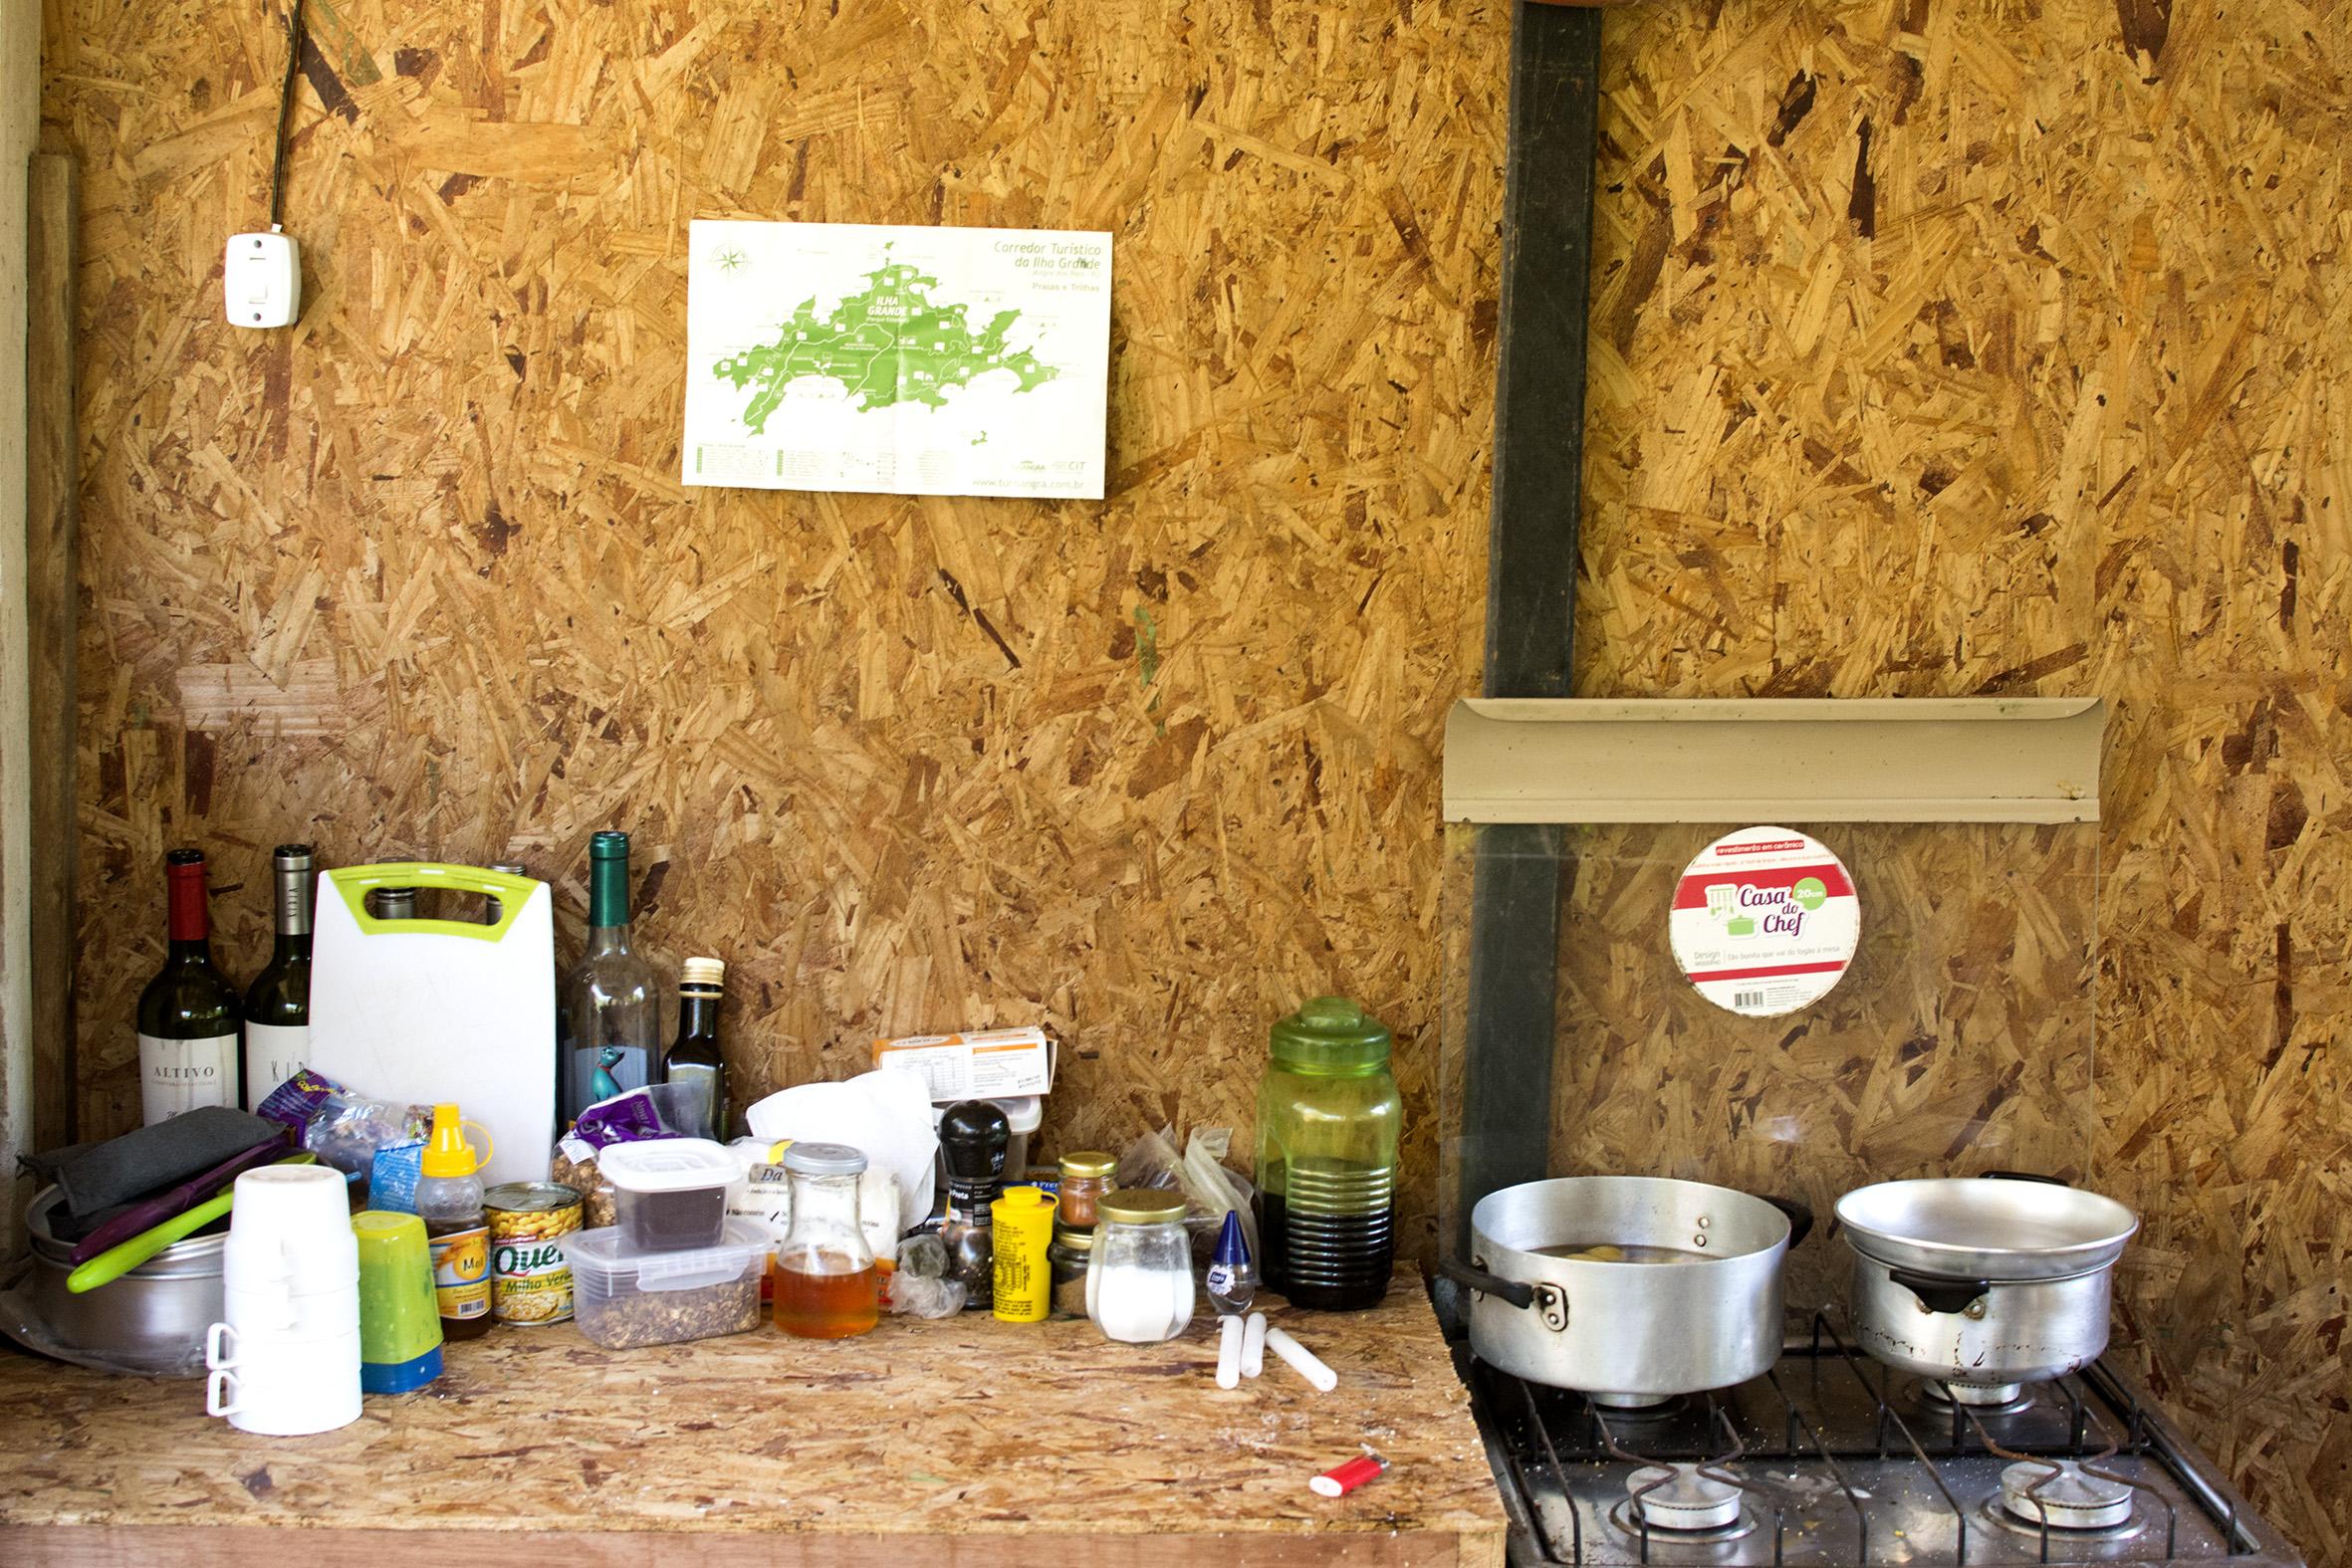 Cozinha camping2